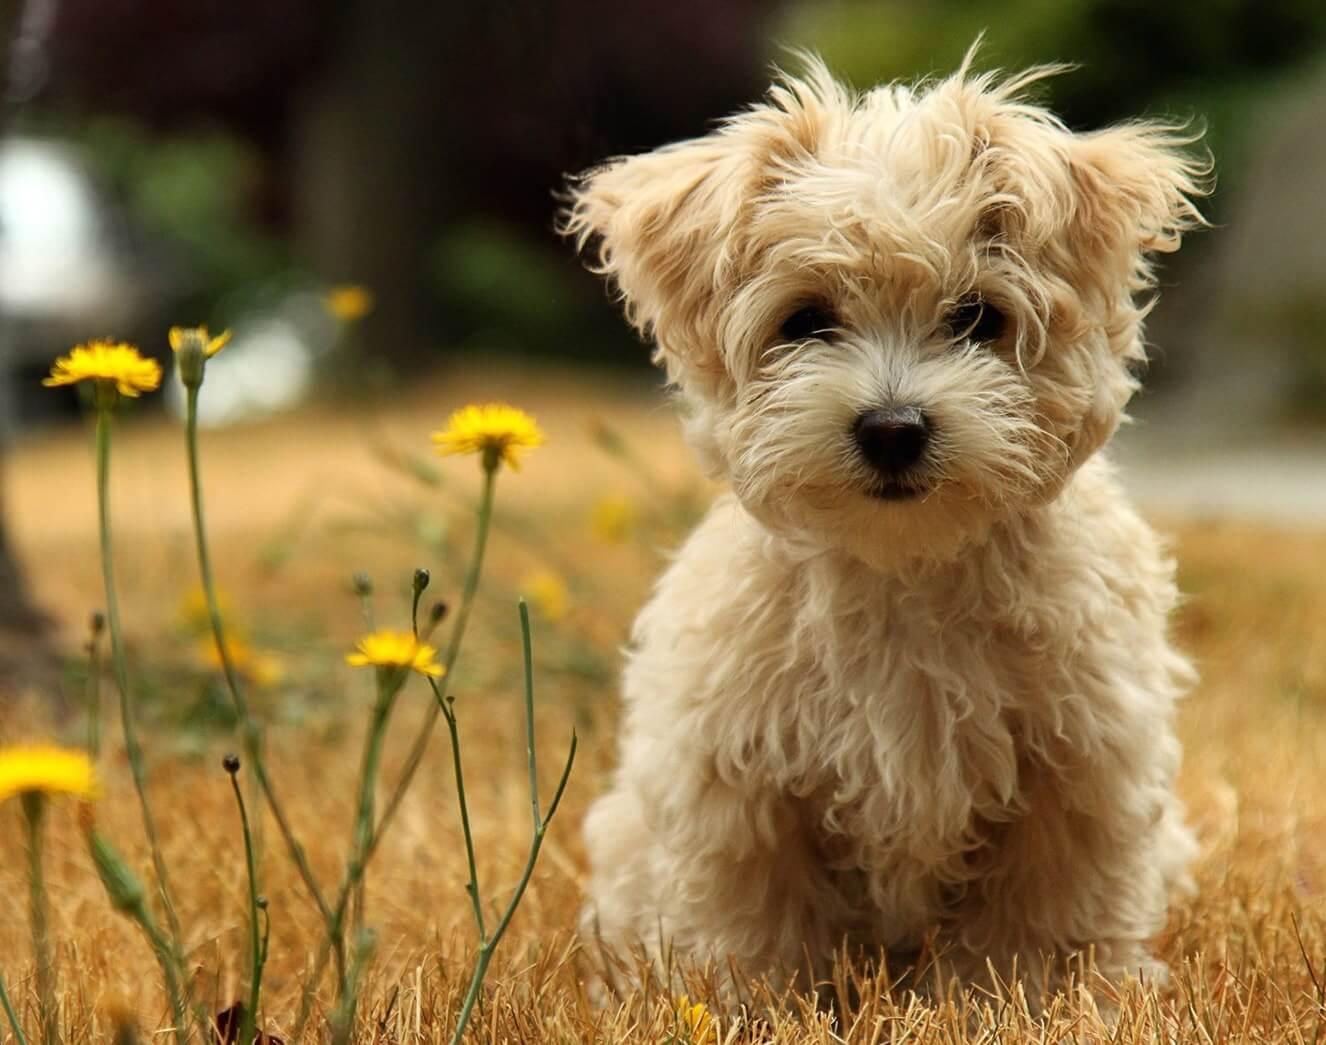 desktop images of a cute puppy dog wallpaper copy min